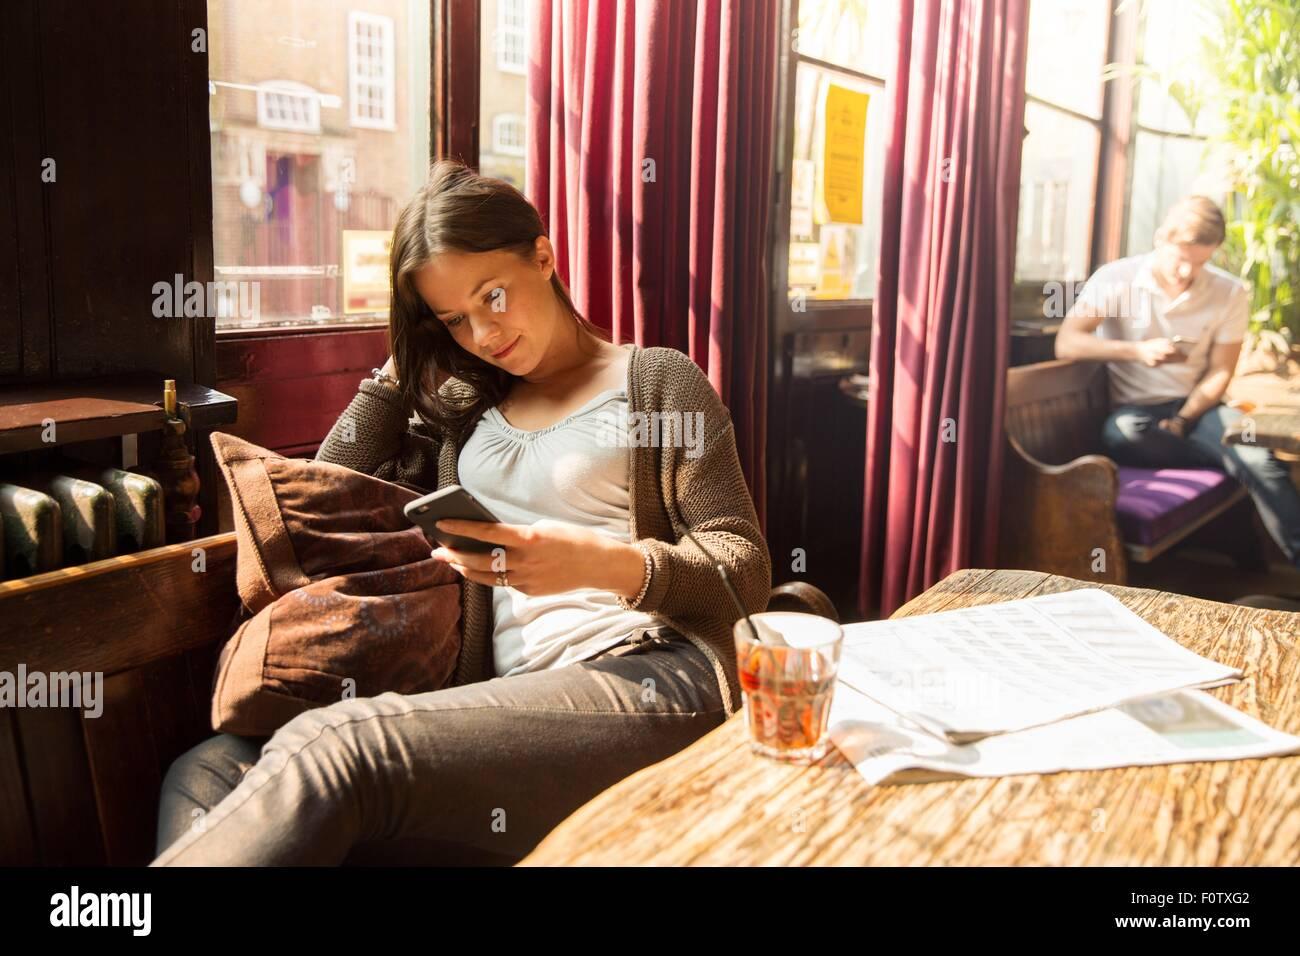 Metà donna adulta seduta guardando smartphone Foto Stock